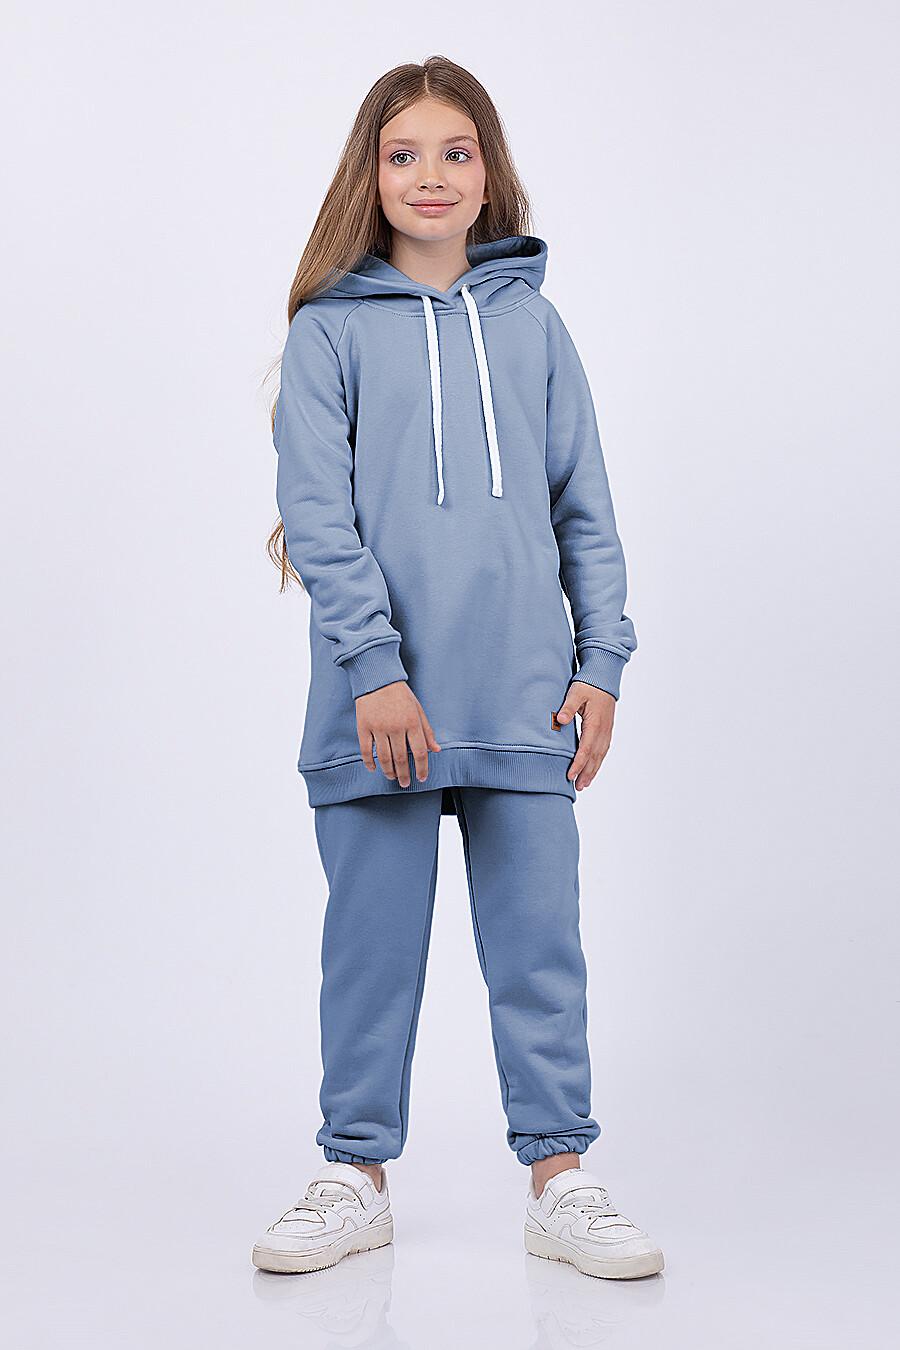 Брюки для девочек EZANNA 682676 купить оптом от производителя. Совместная покупка детской одежды в OptMoyo